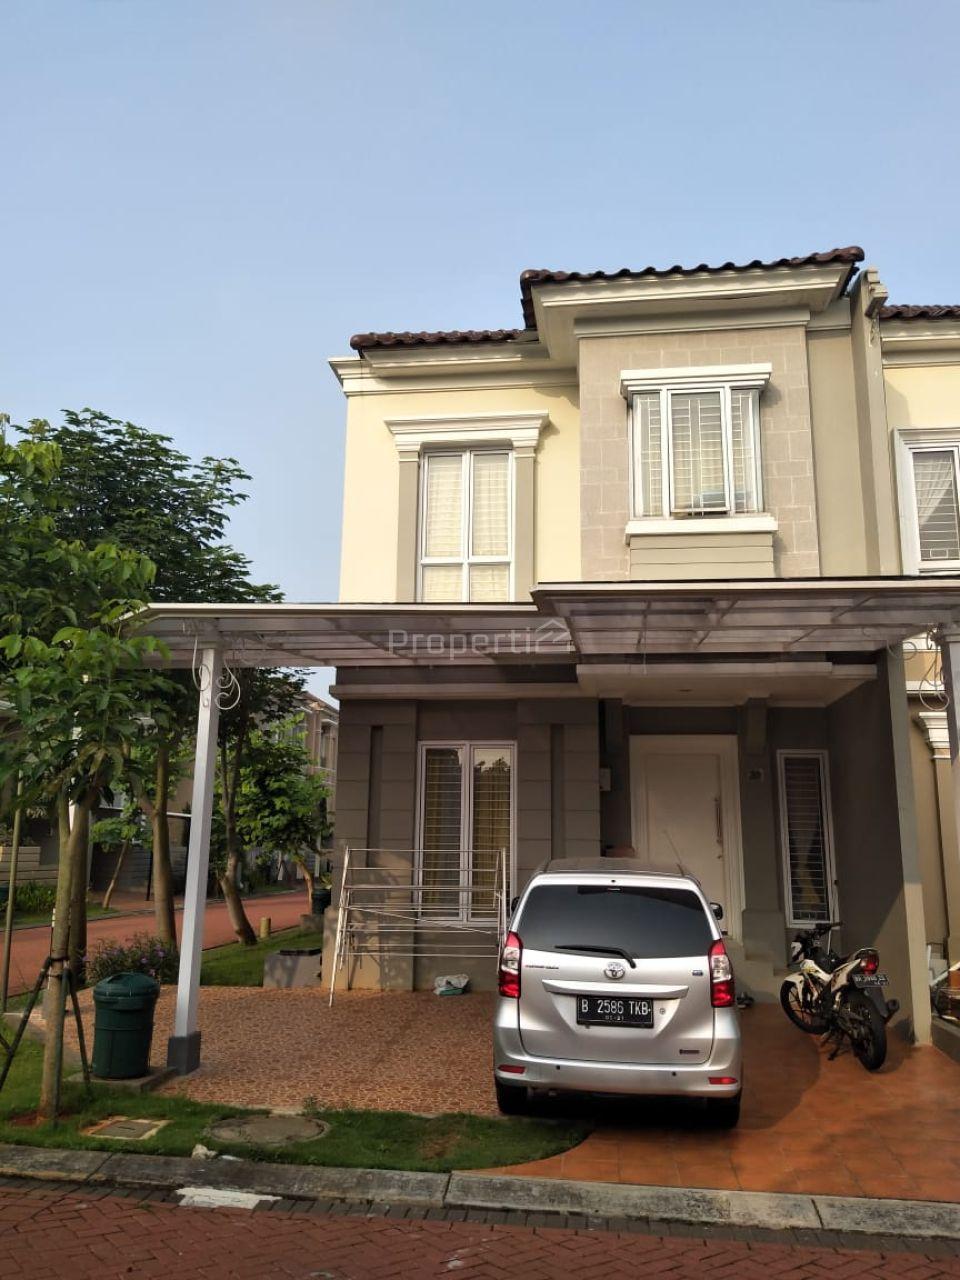 Rumah 2 Lantai Posisi Hook di Gading Serpong, Banten